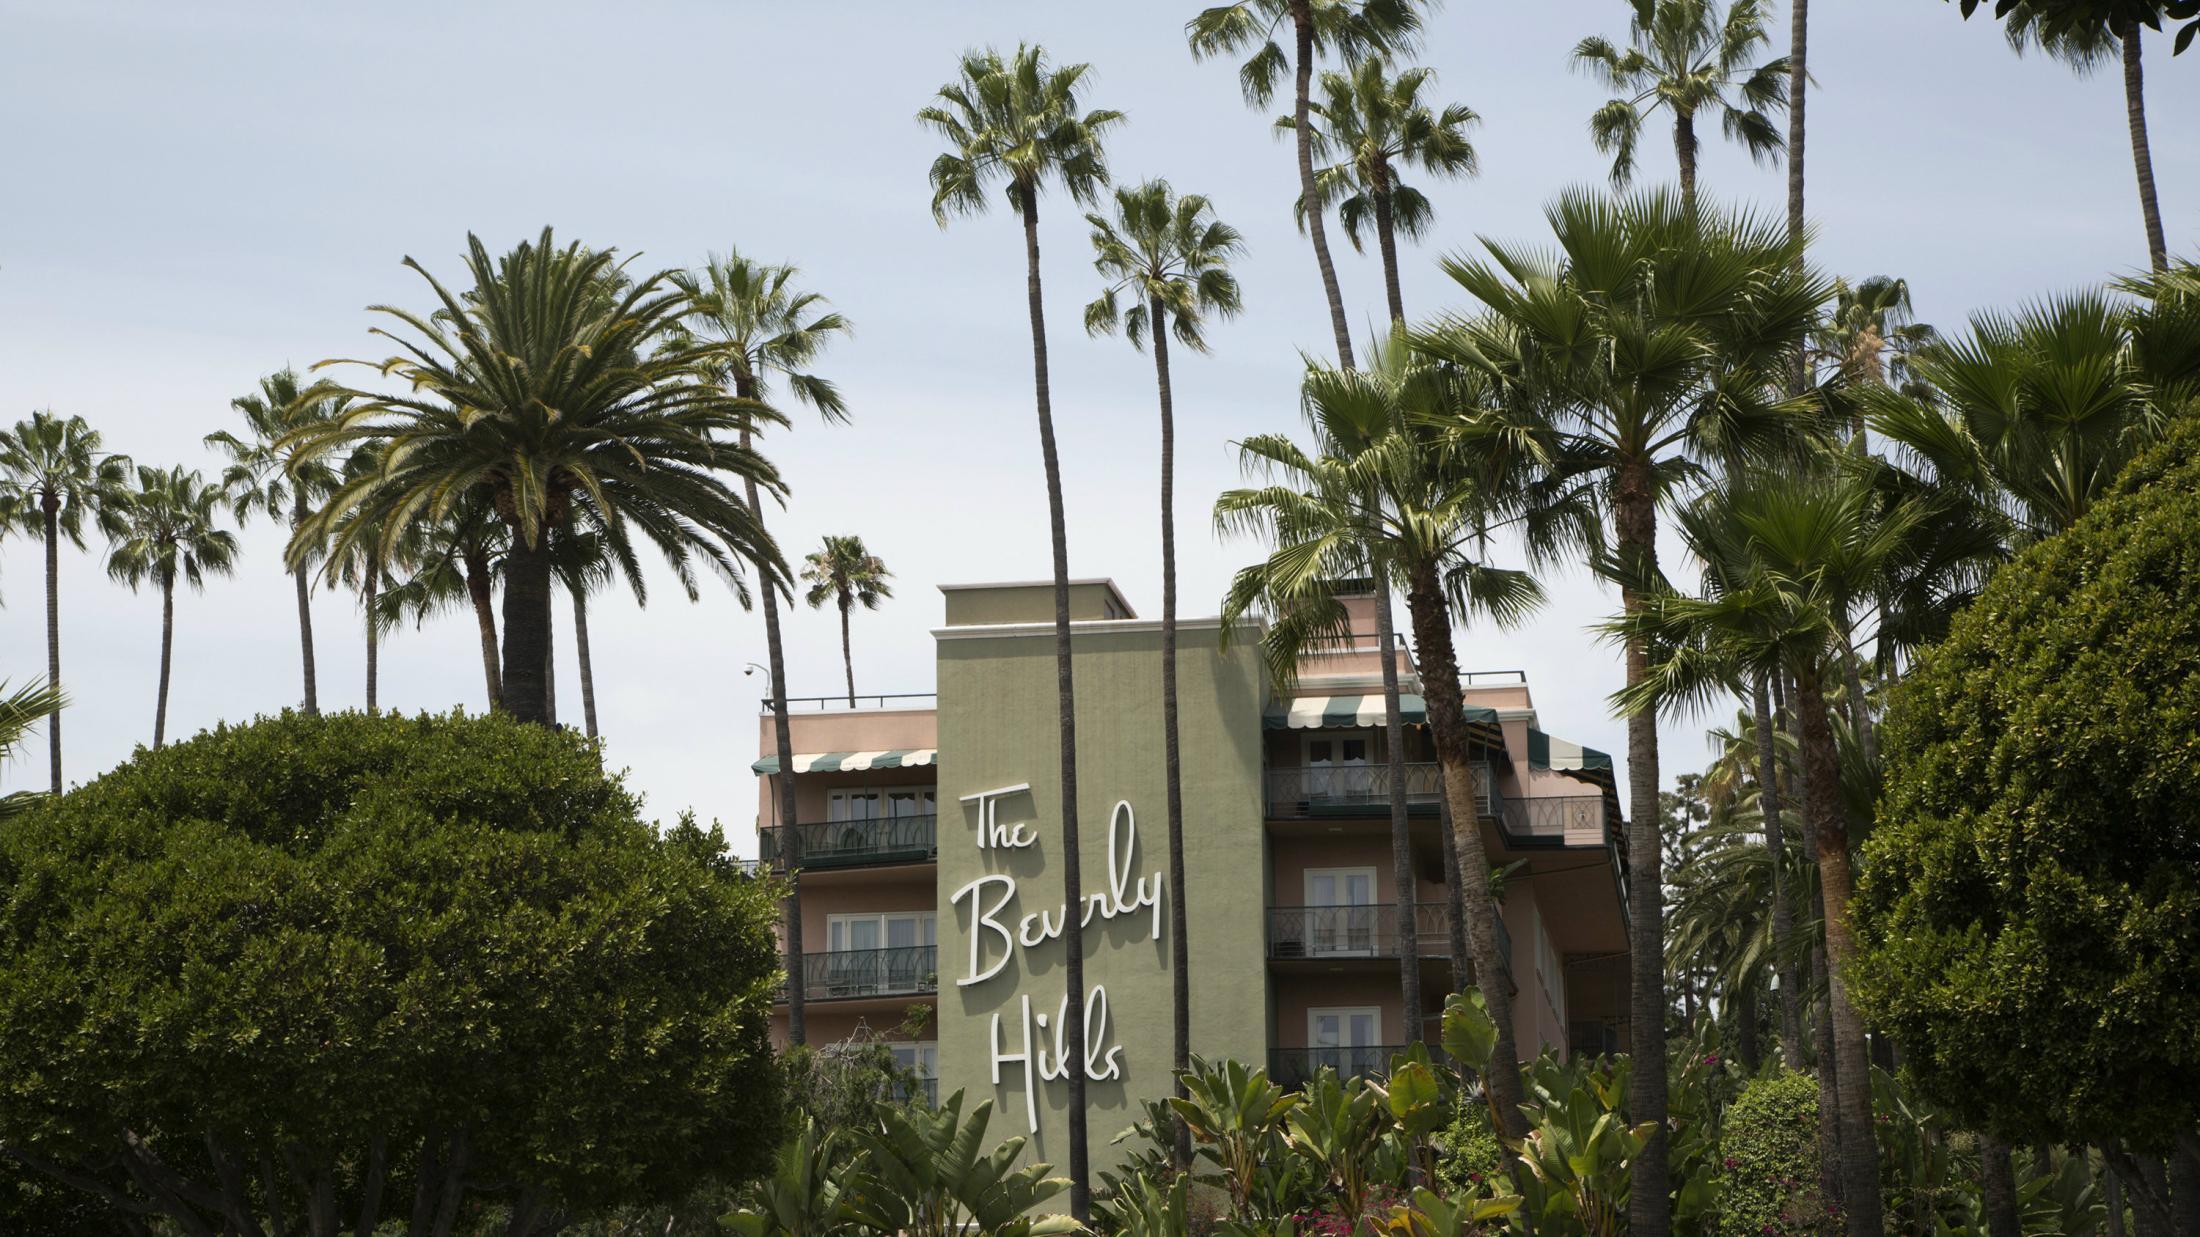 Boycotts Flipboard Brunei Israel Hotels